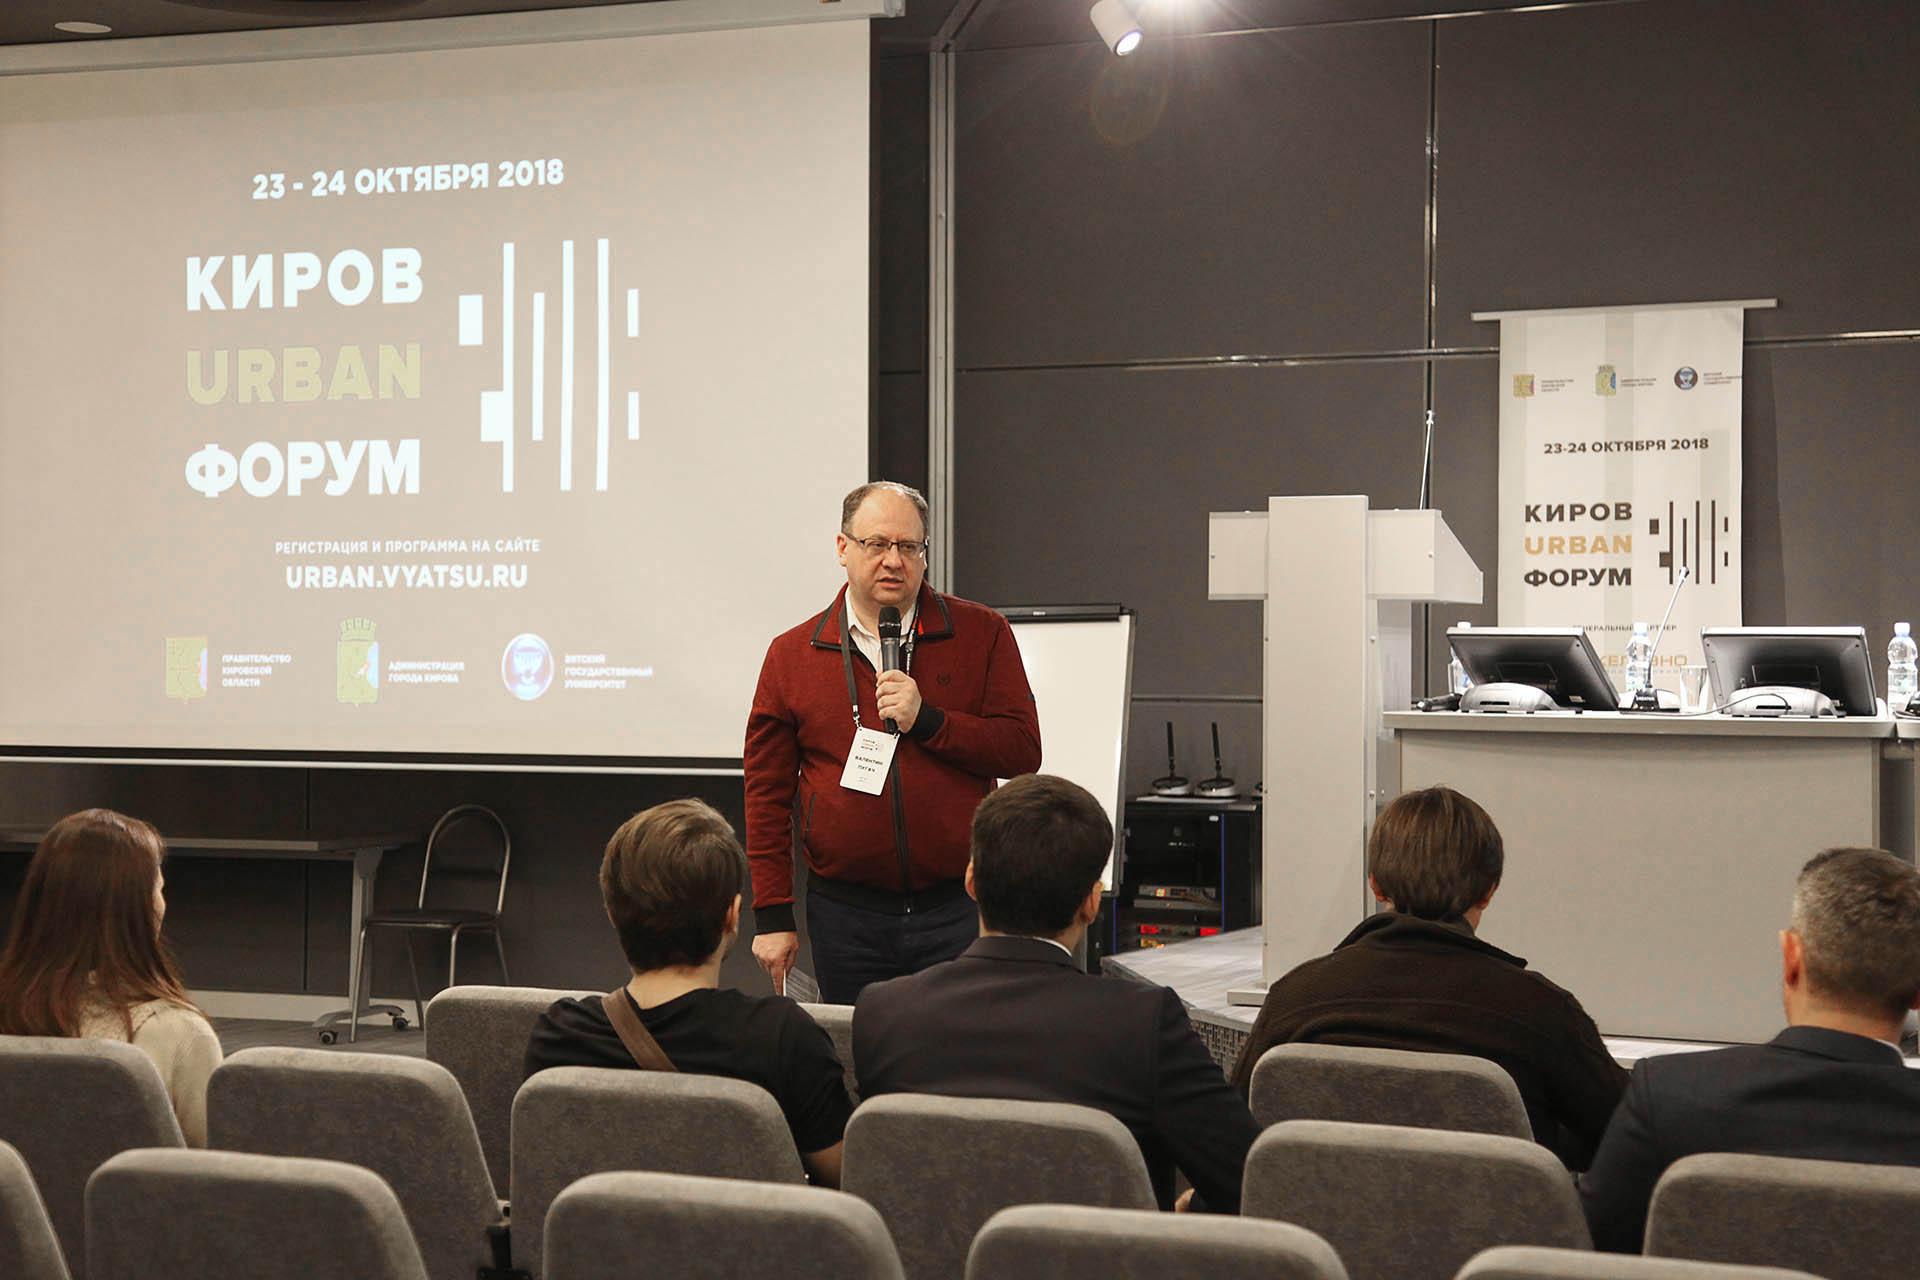 Заключительный день урбанистического форума